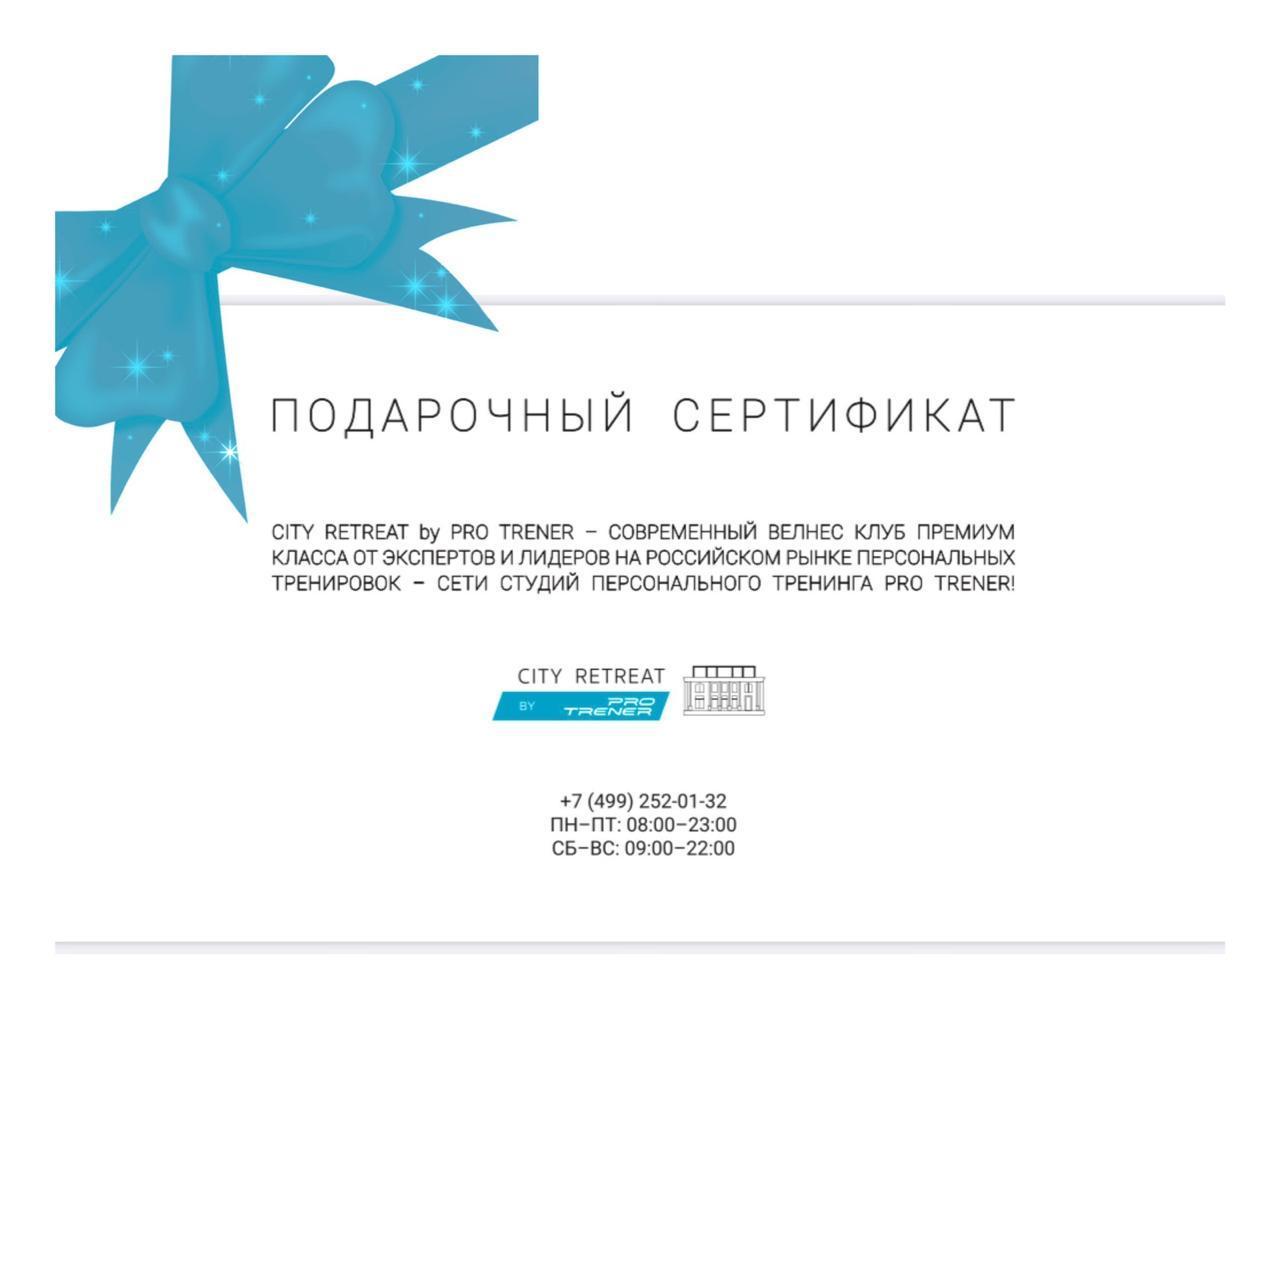 Подарочный сертификат на любую из услуг